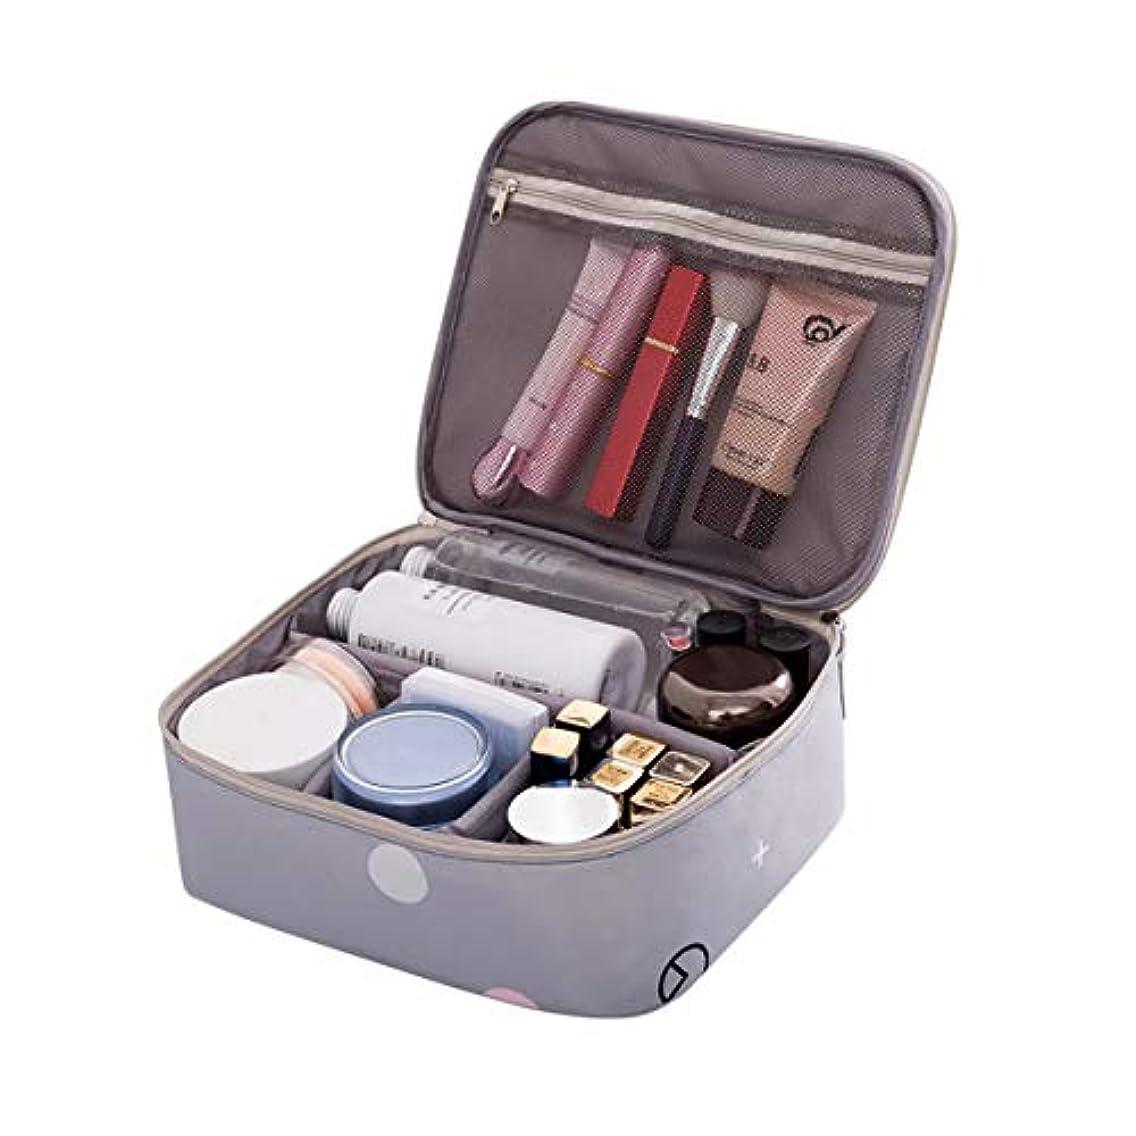 ミンチ分布適切なCoolzon化粧ポーチ 防水 機能的 大容量 化粧バッグ 軽量 化粧品収納 メイクボックス 折畳式 可愛い 旅行 出張( グレー)